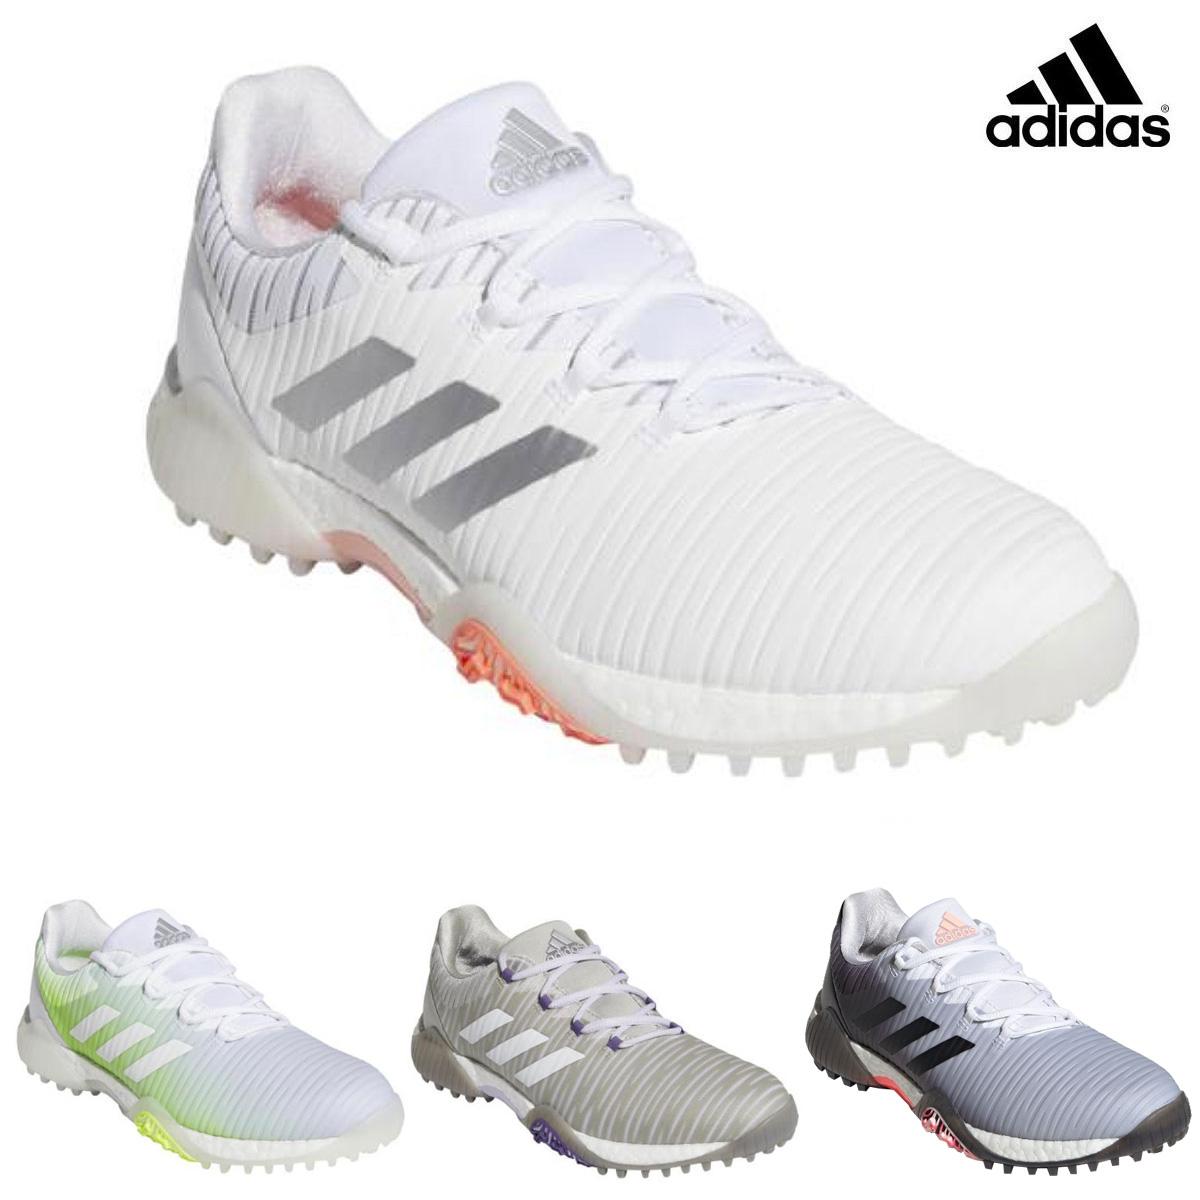 adidas Golf(アディダスゴルフ)日本正規品 ウィメンズCODECHAOS (コードカオス) スパイクレスゴルフシューズ 2020新製品 「EPC85」 【あす楽対応】